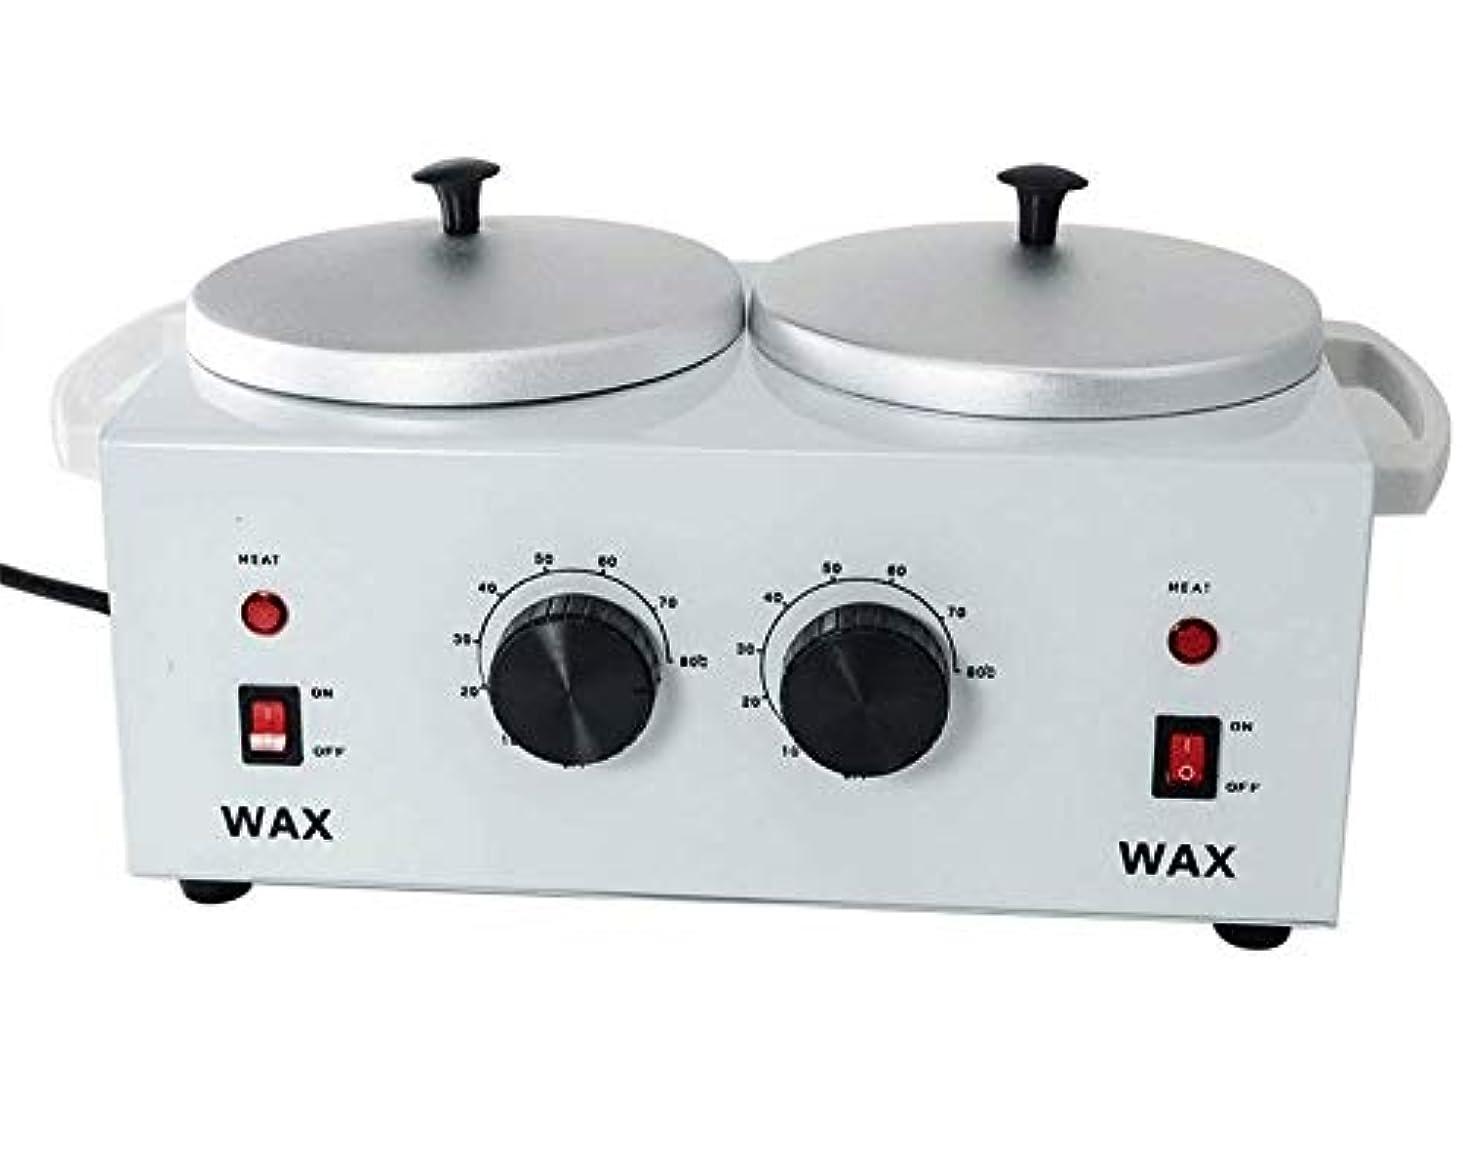 ペインティング効果反対したすべてのWAXS(ソフト、ハード、パラフィン)のためのワックスヒーターダブルポットワックスウォーマー電気プロフェッショナルデュアルプロサロンホットパラフィン脱毛ツール